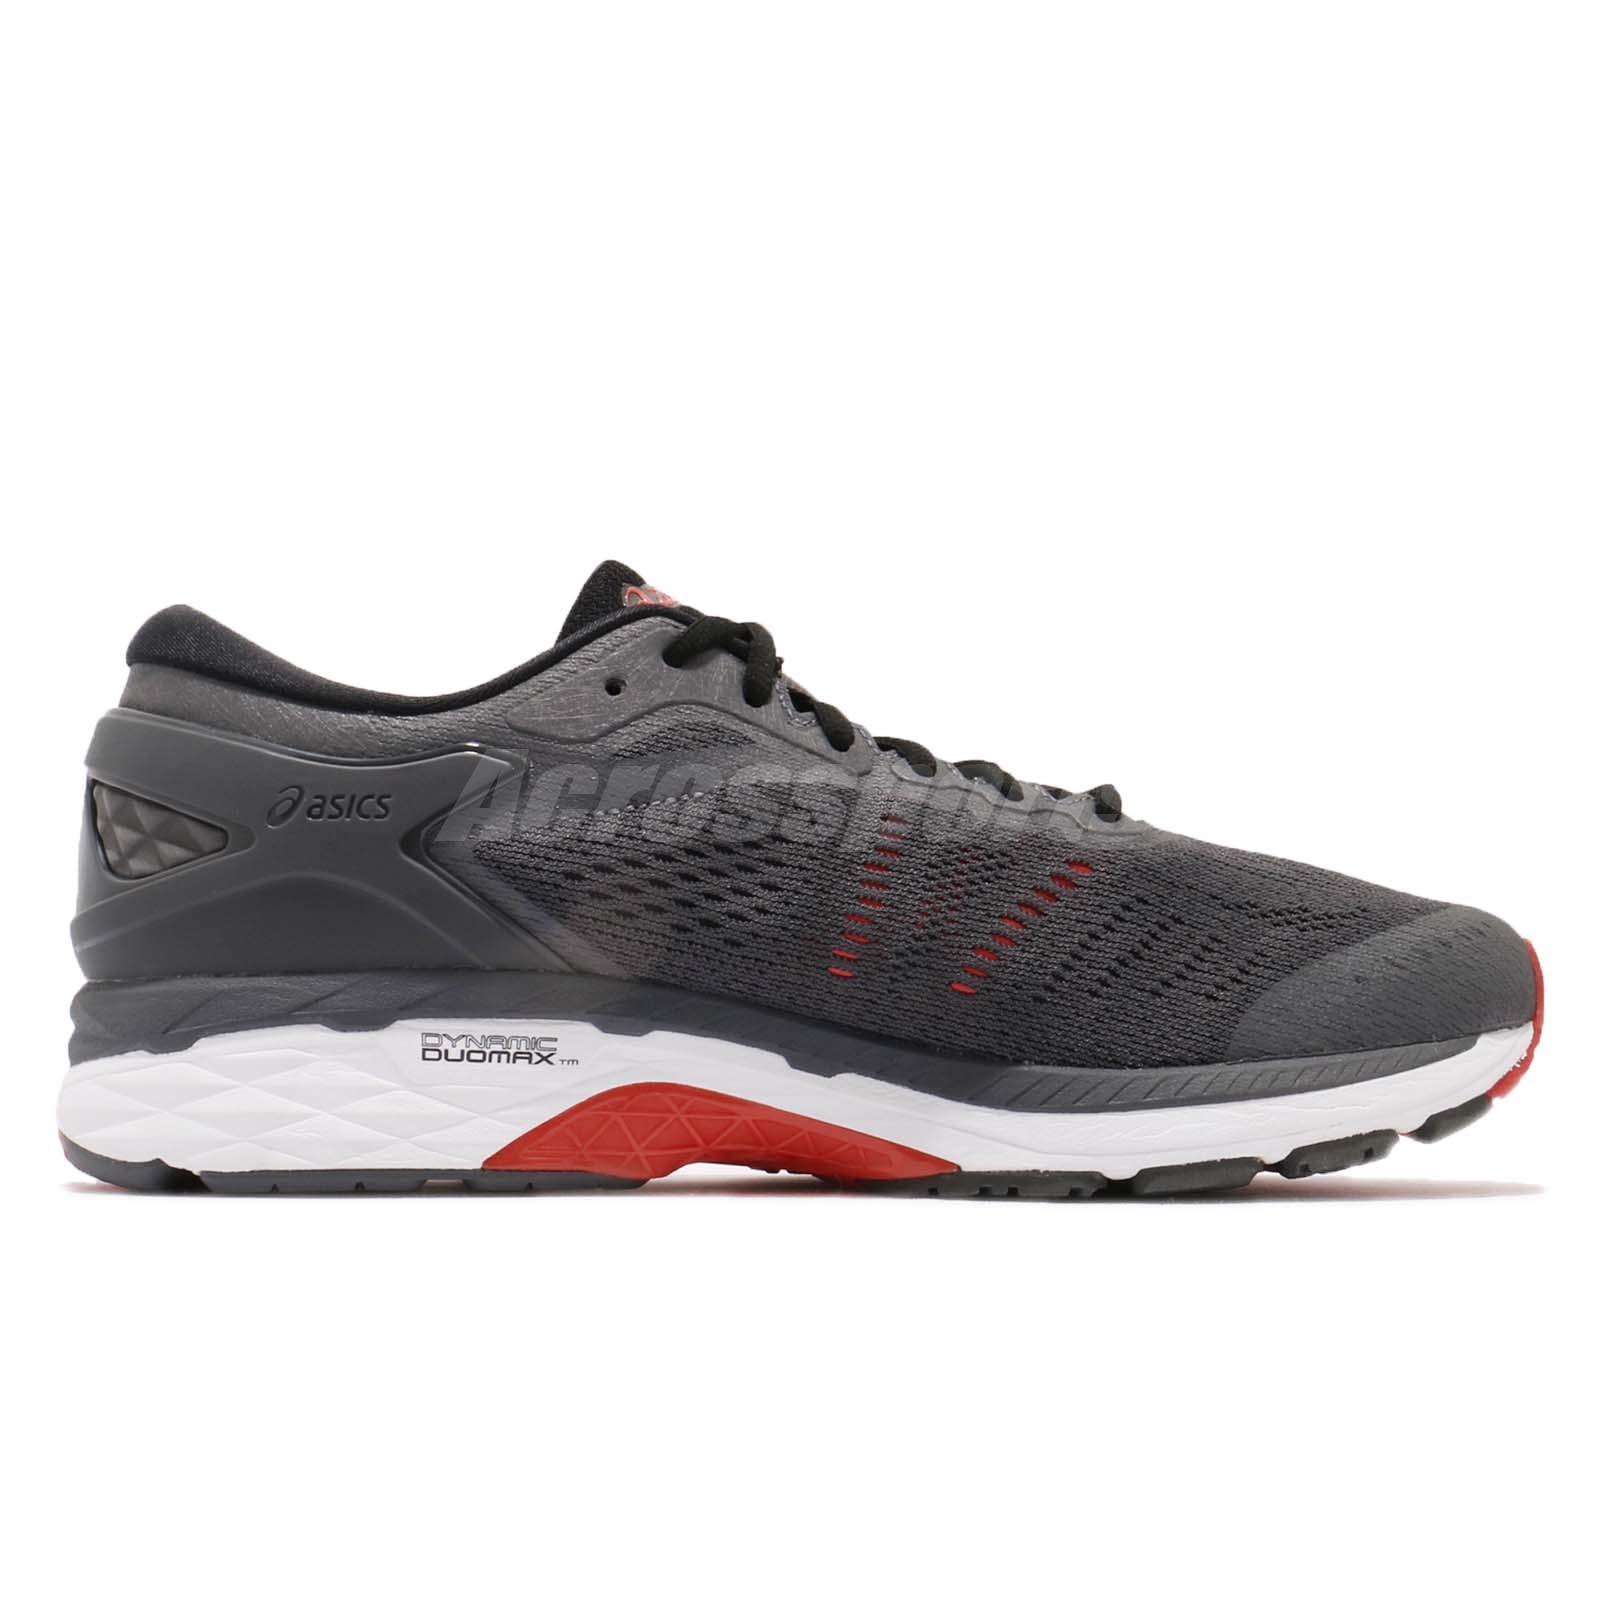 Détails sur Asics Gel Kayano 24 4E Extra Large gris noir rouge homme chaussures de course T7A1N 9590 afficher le titre d'origine